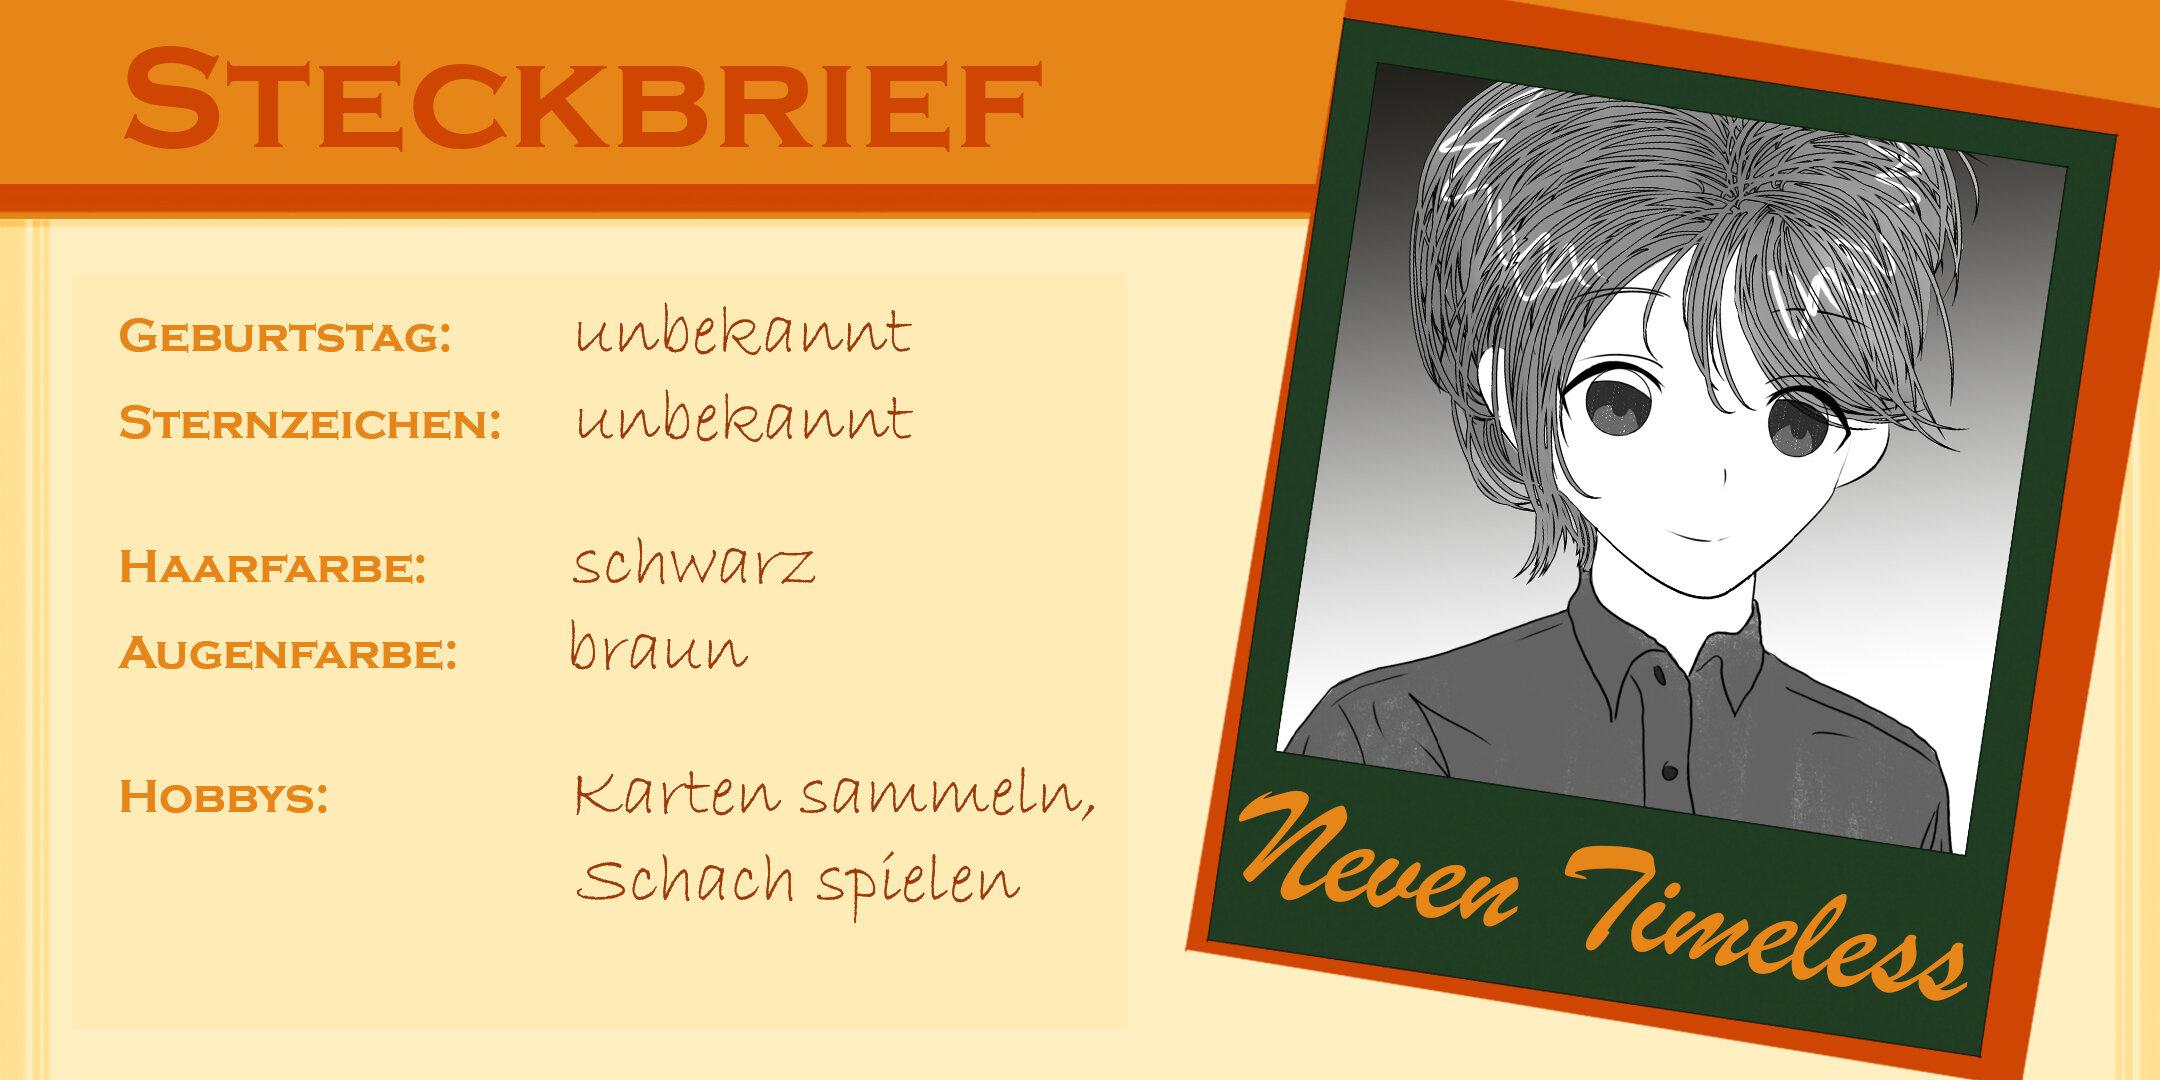 Steckbrief Neven